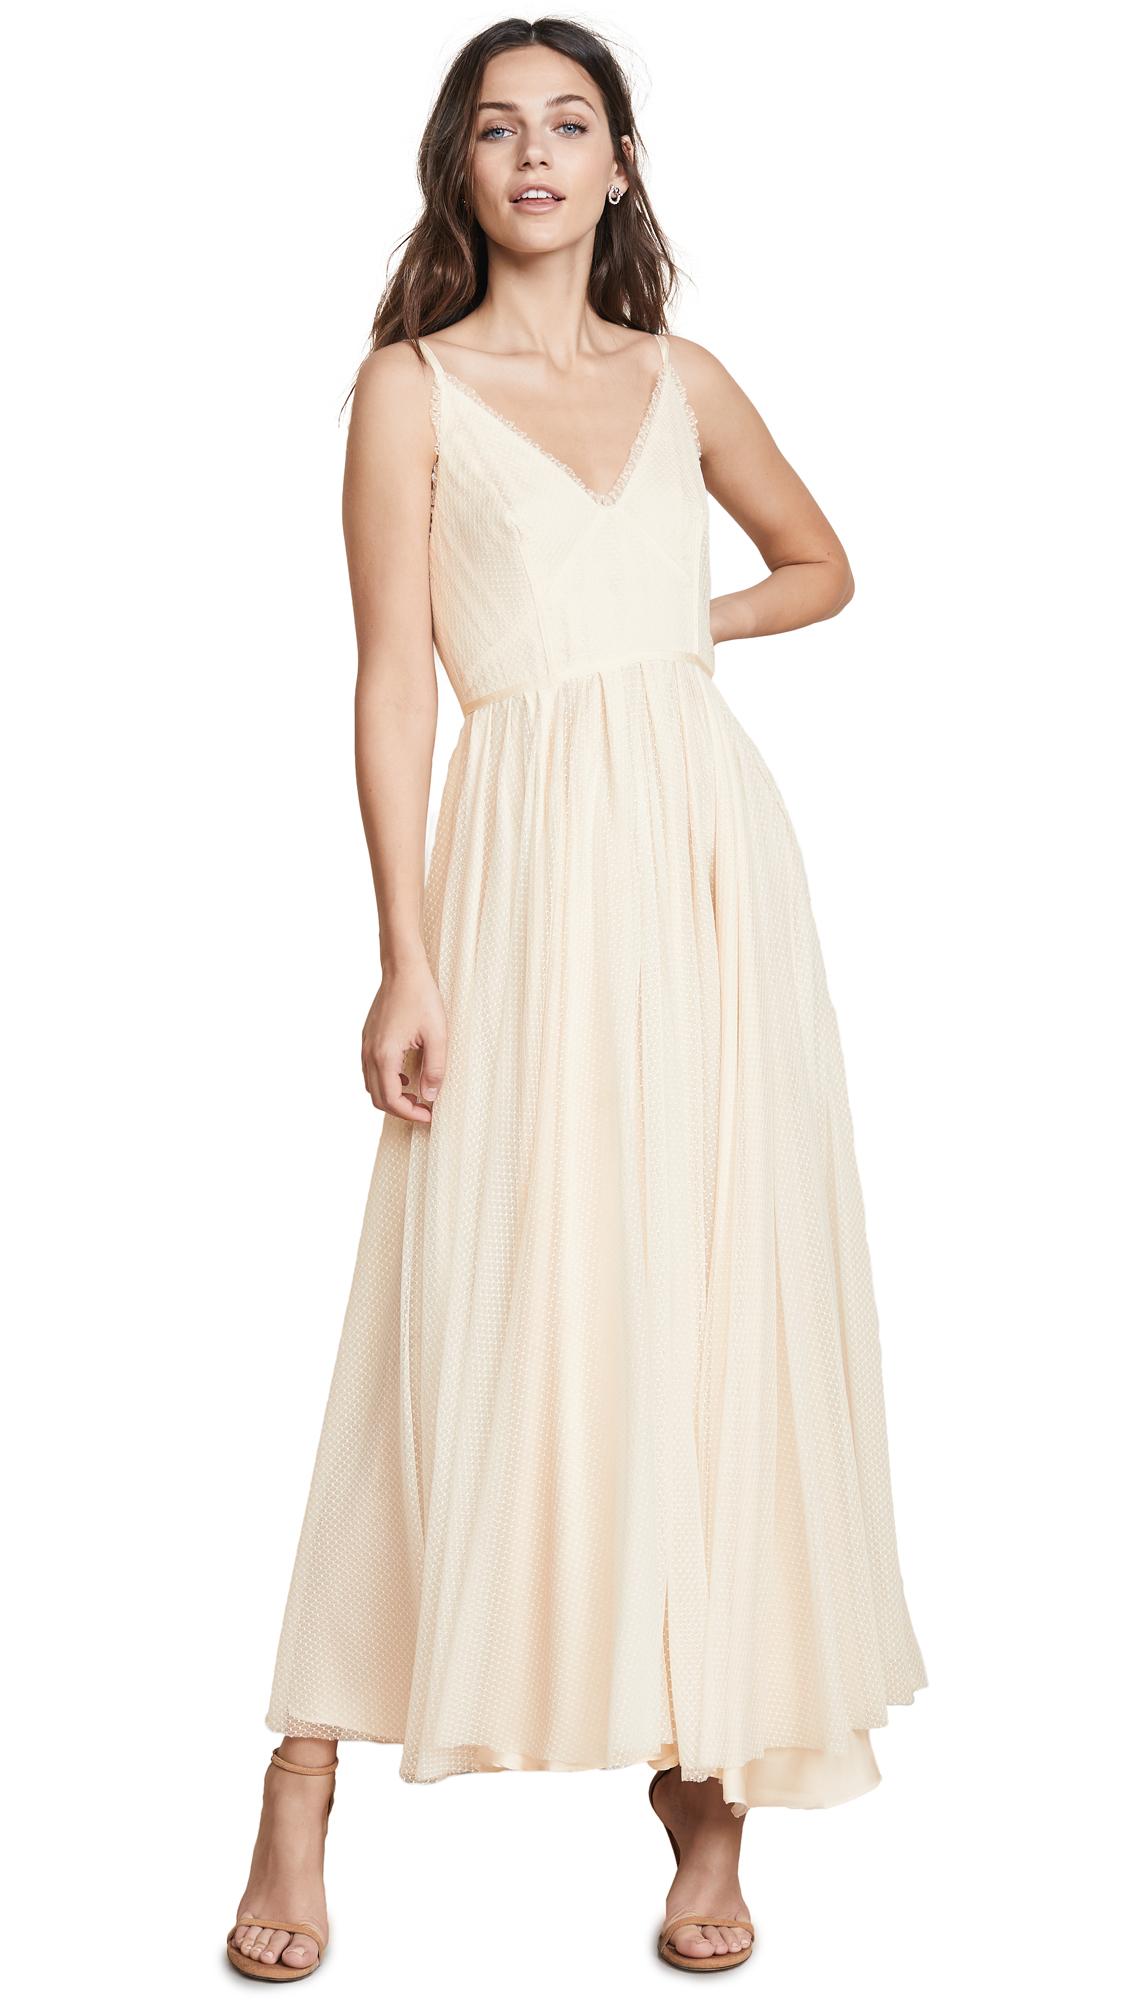 Jill Jill Stuart Frill Trimmed Dress - Ivory